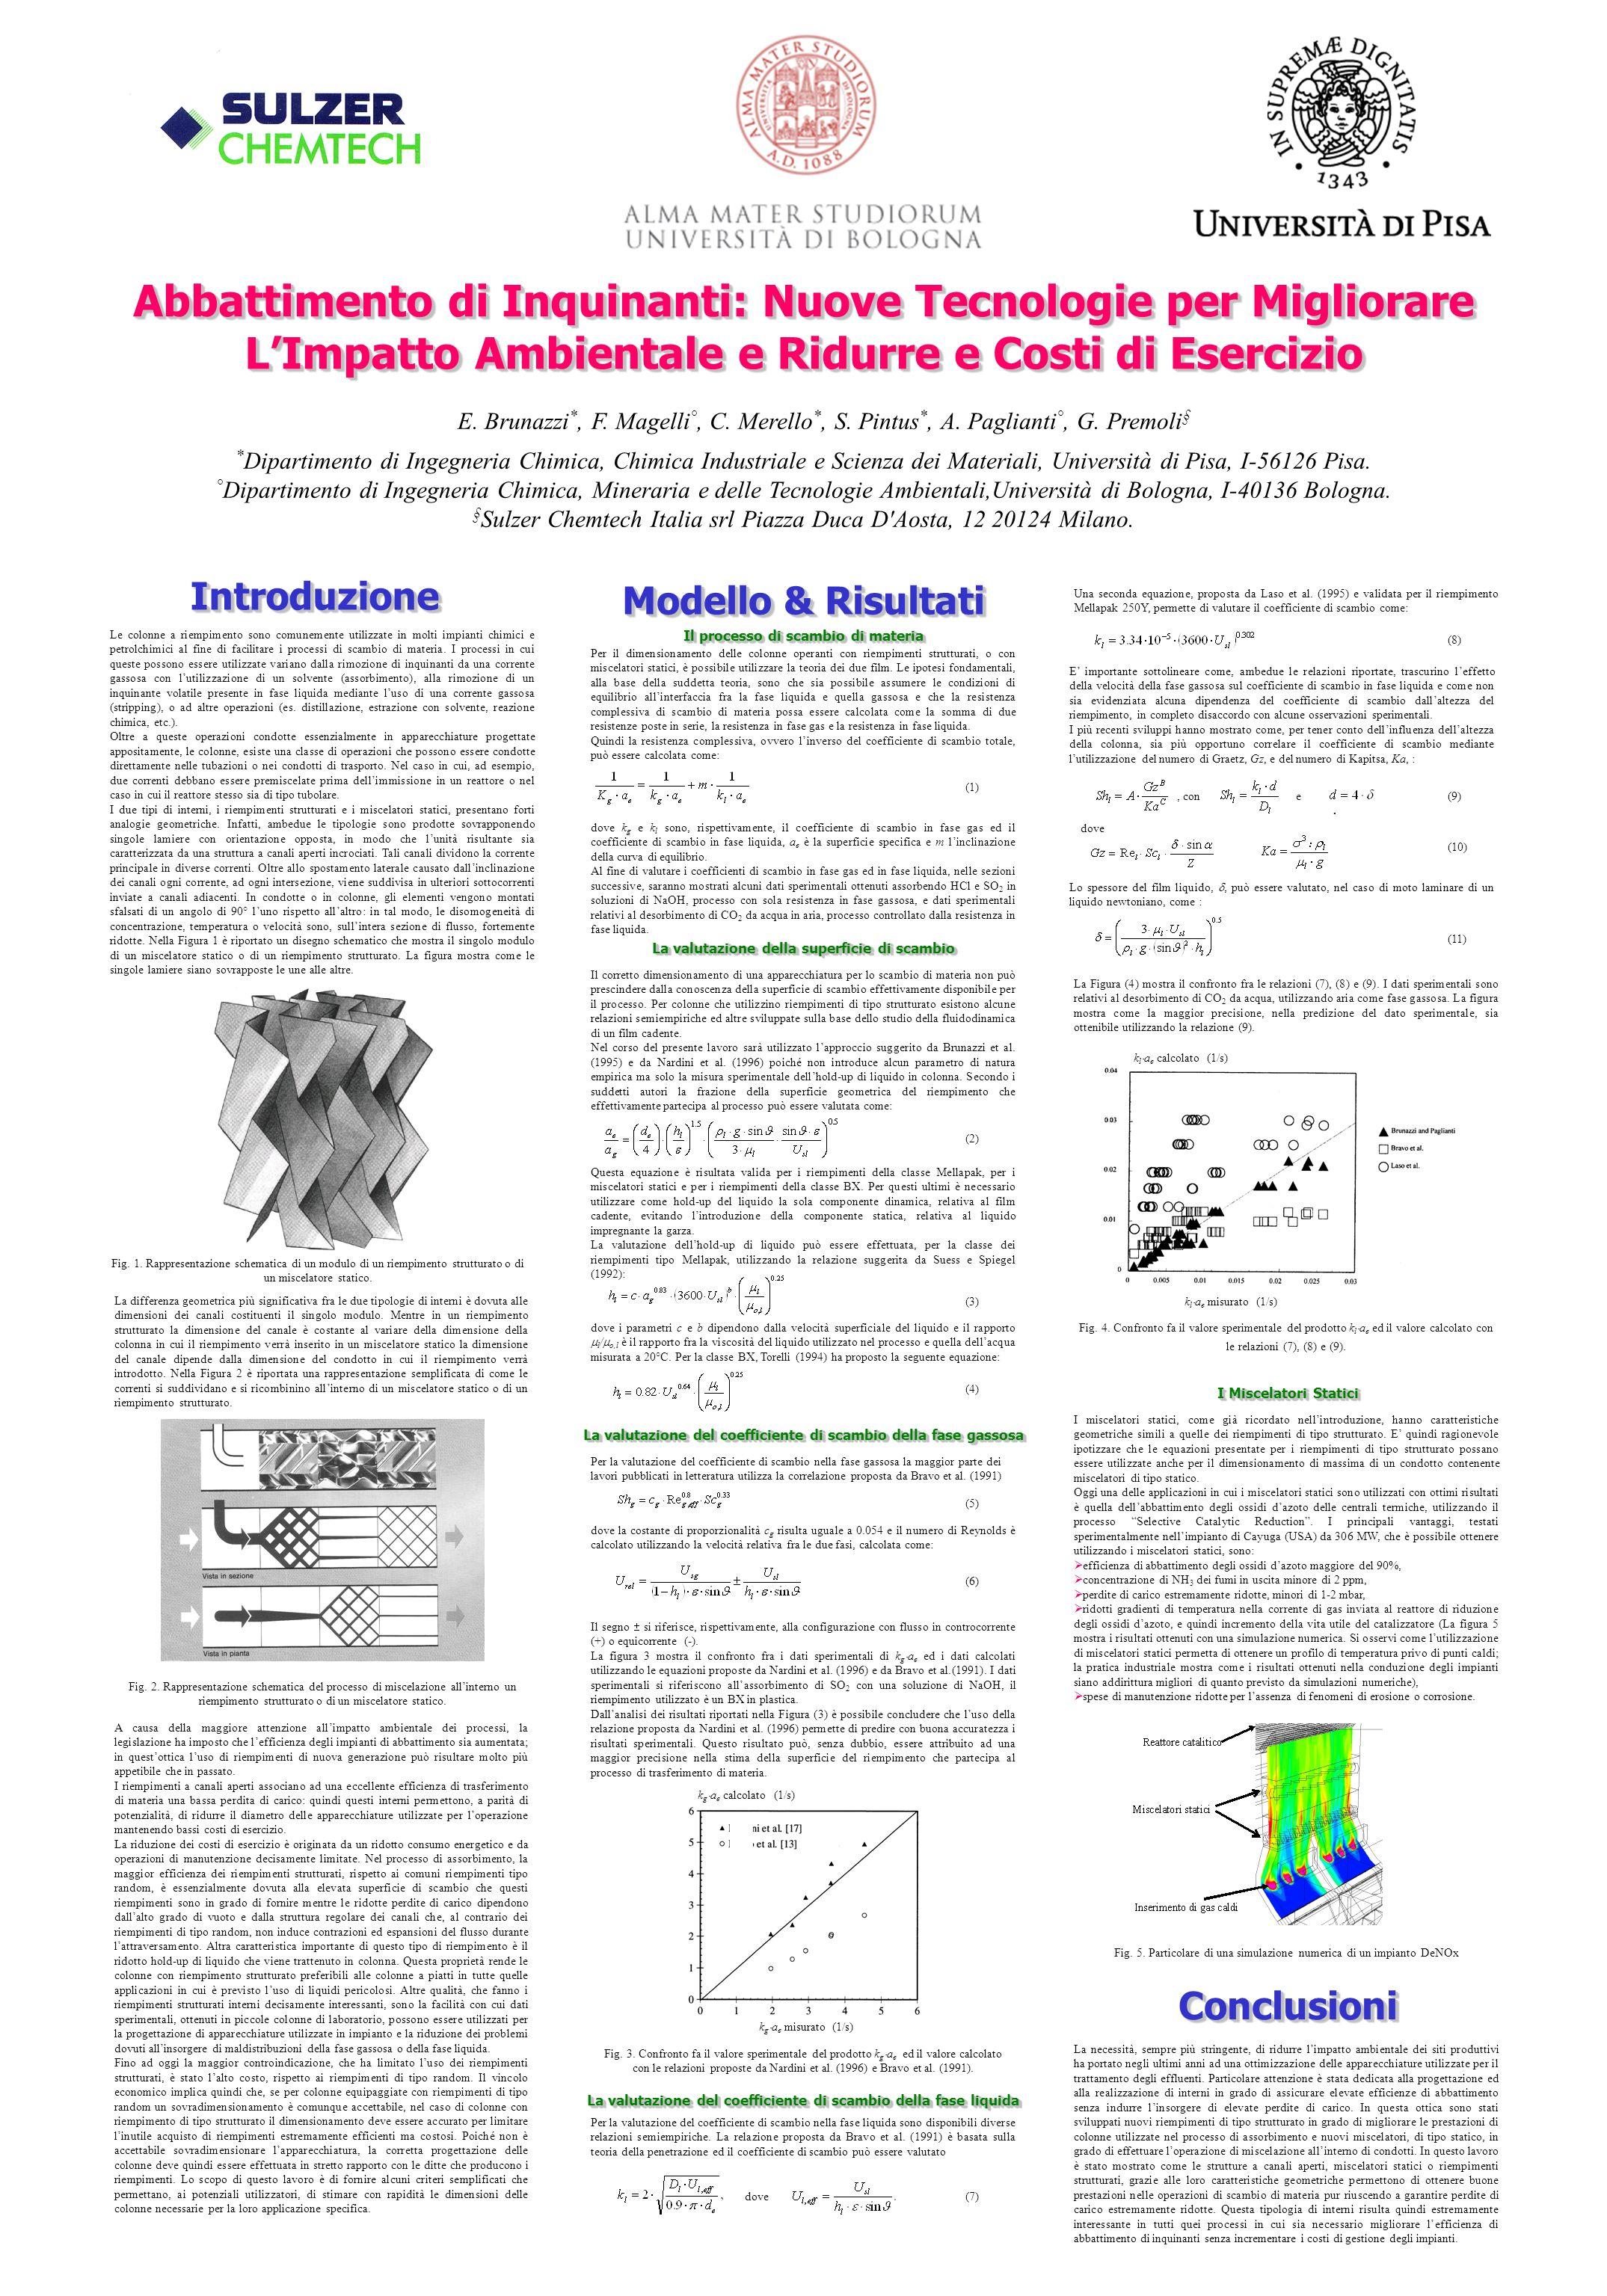 E. Brunazzi *, F. Magelli °, C. Merello *, S. Pintus *, A. Paglianti °, G. Premoli § * Dipartimento di Ingegneria Chimica, Chimica Industriale e Scien